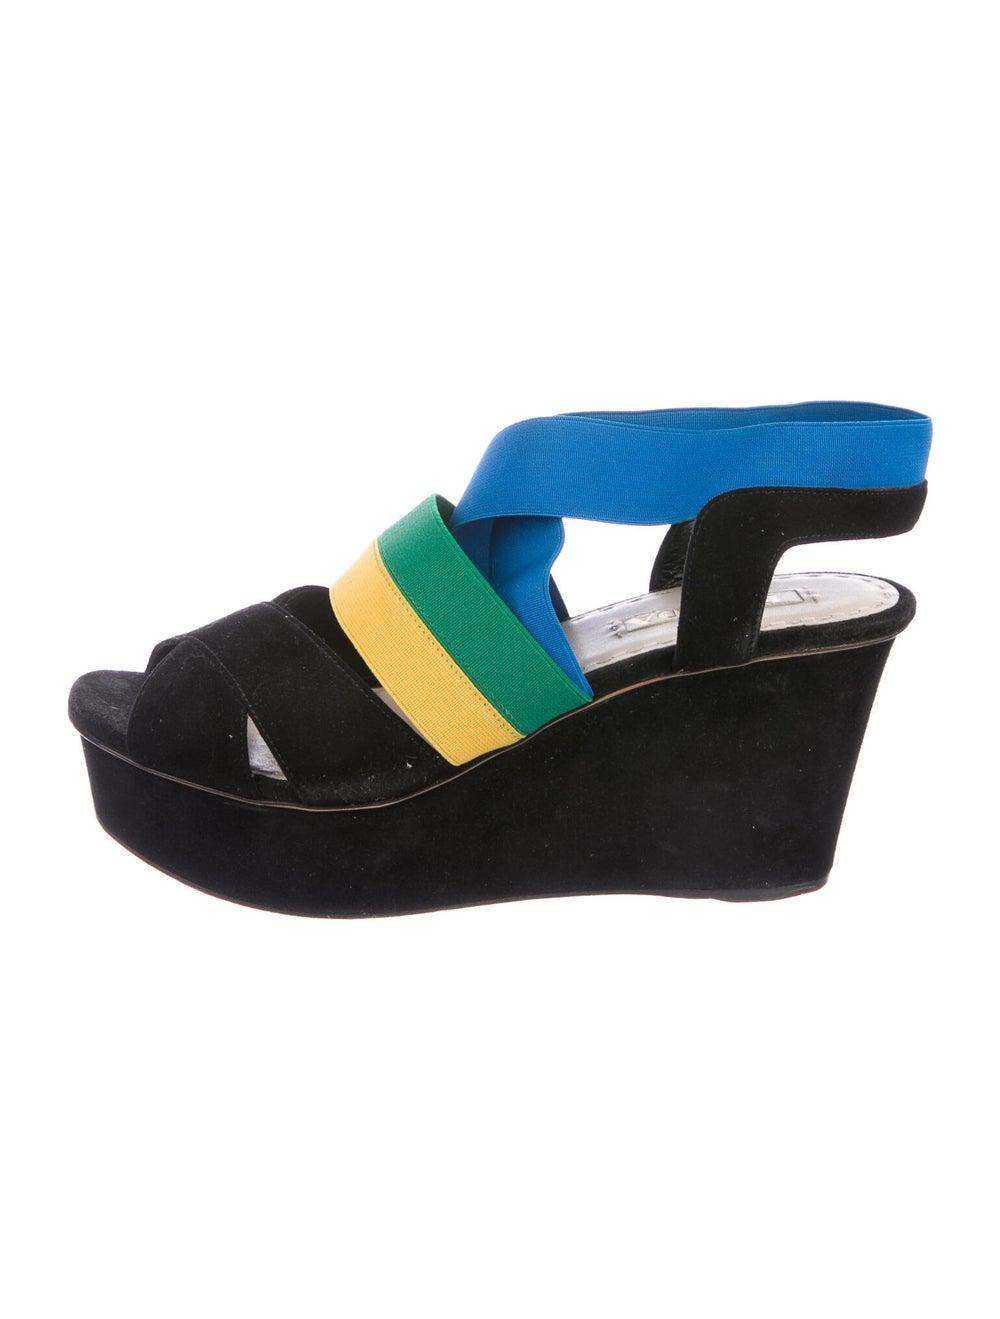 Prada Suede Sandals Blue - image 1